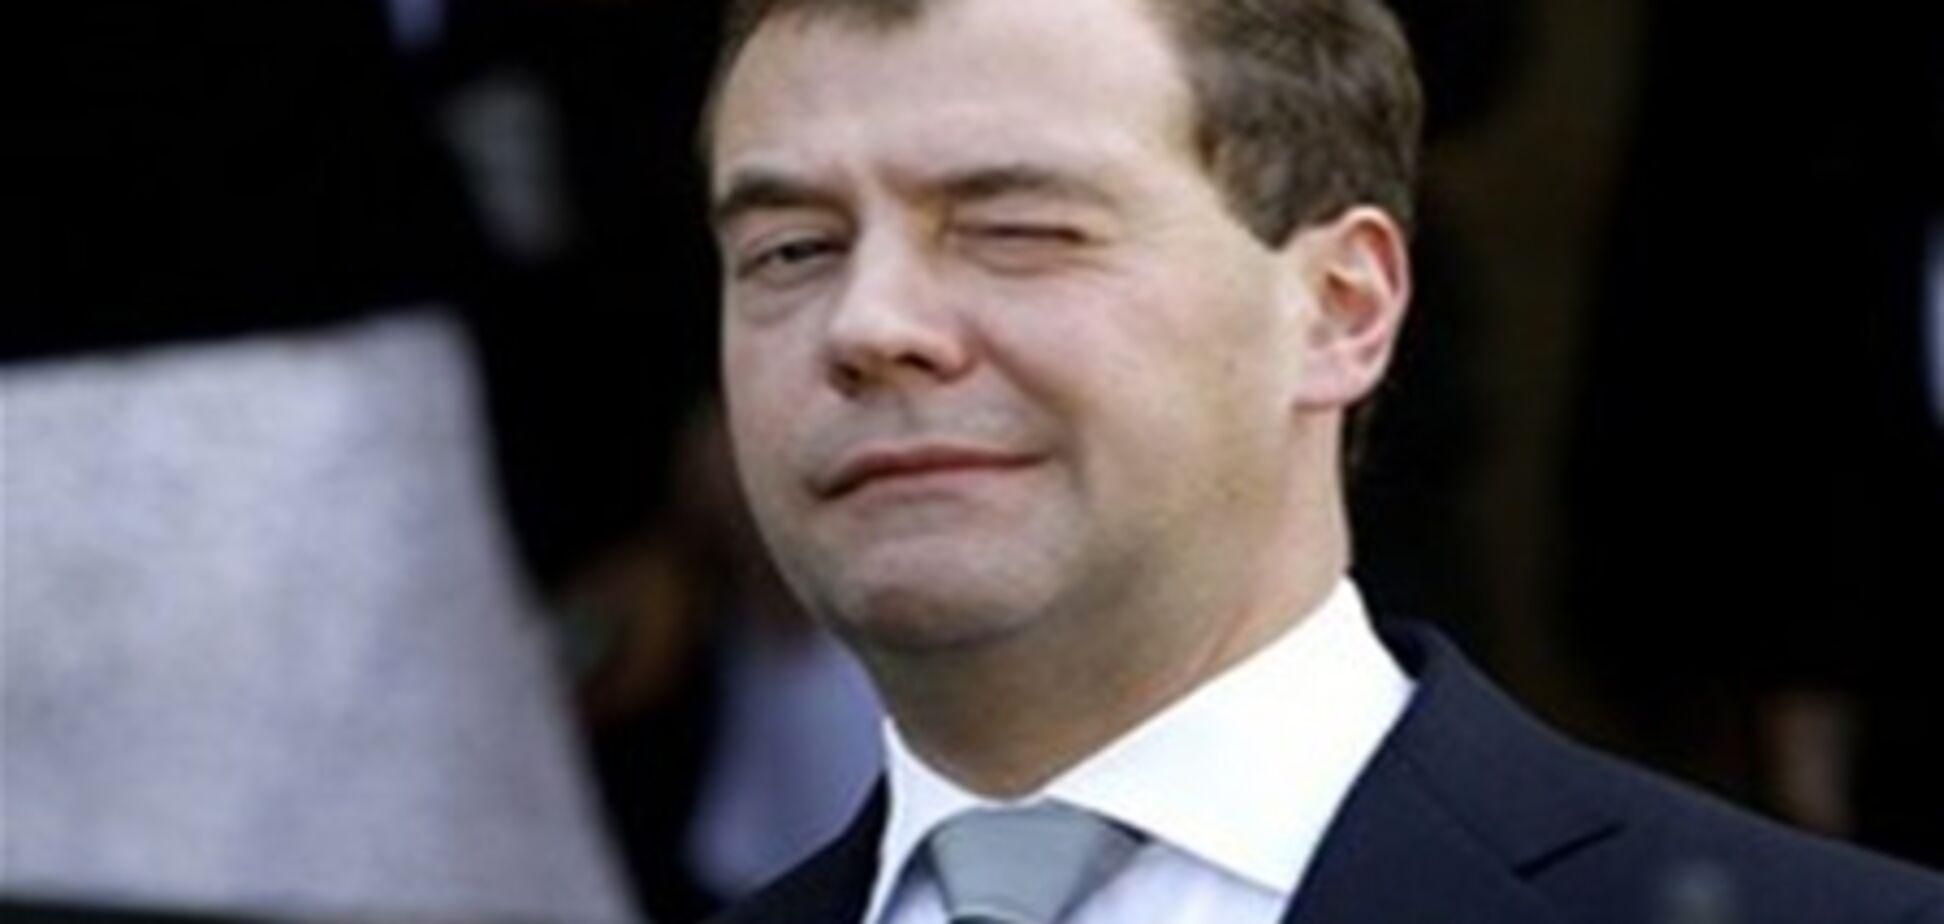 Родители назвали новорожденную дочь в честь Дмитрия Медведева